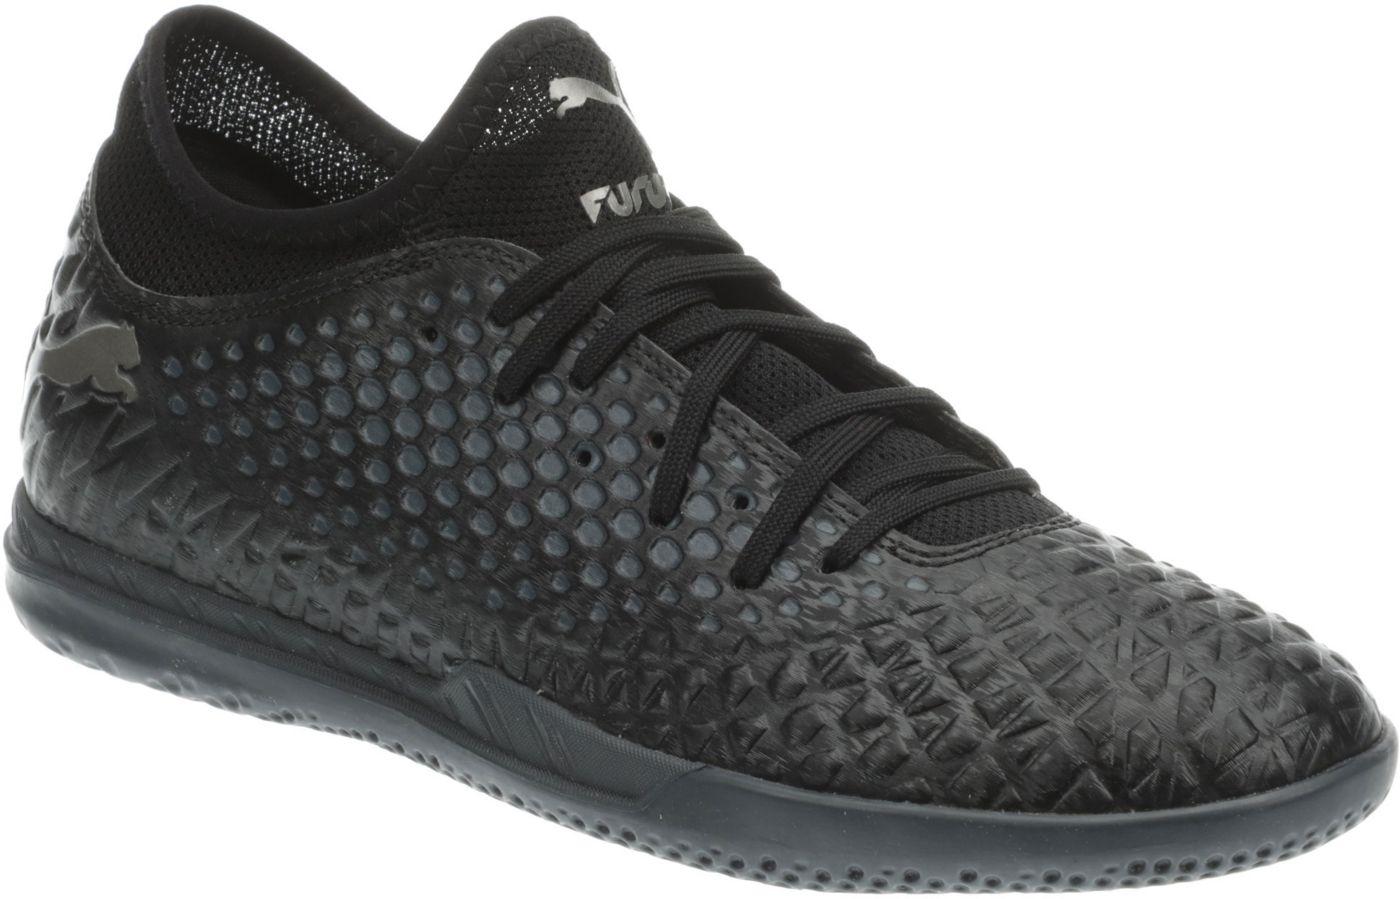 PUMA Men's Future 4.4 Indoor Soccer Shoes